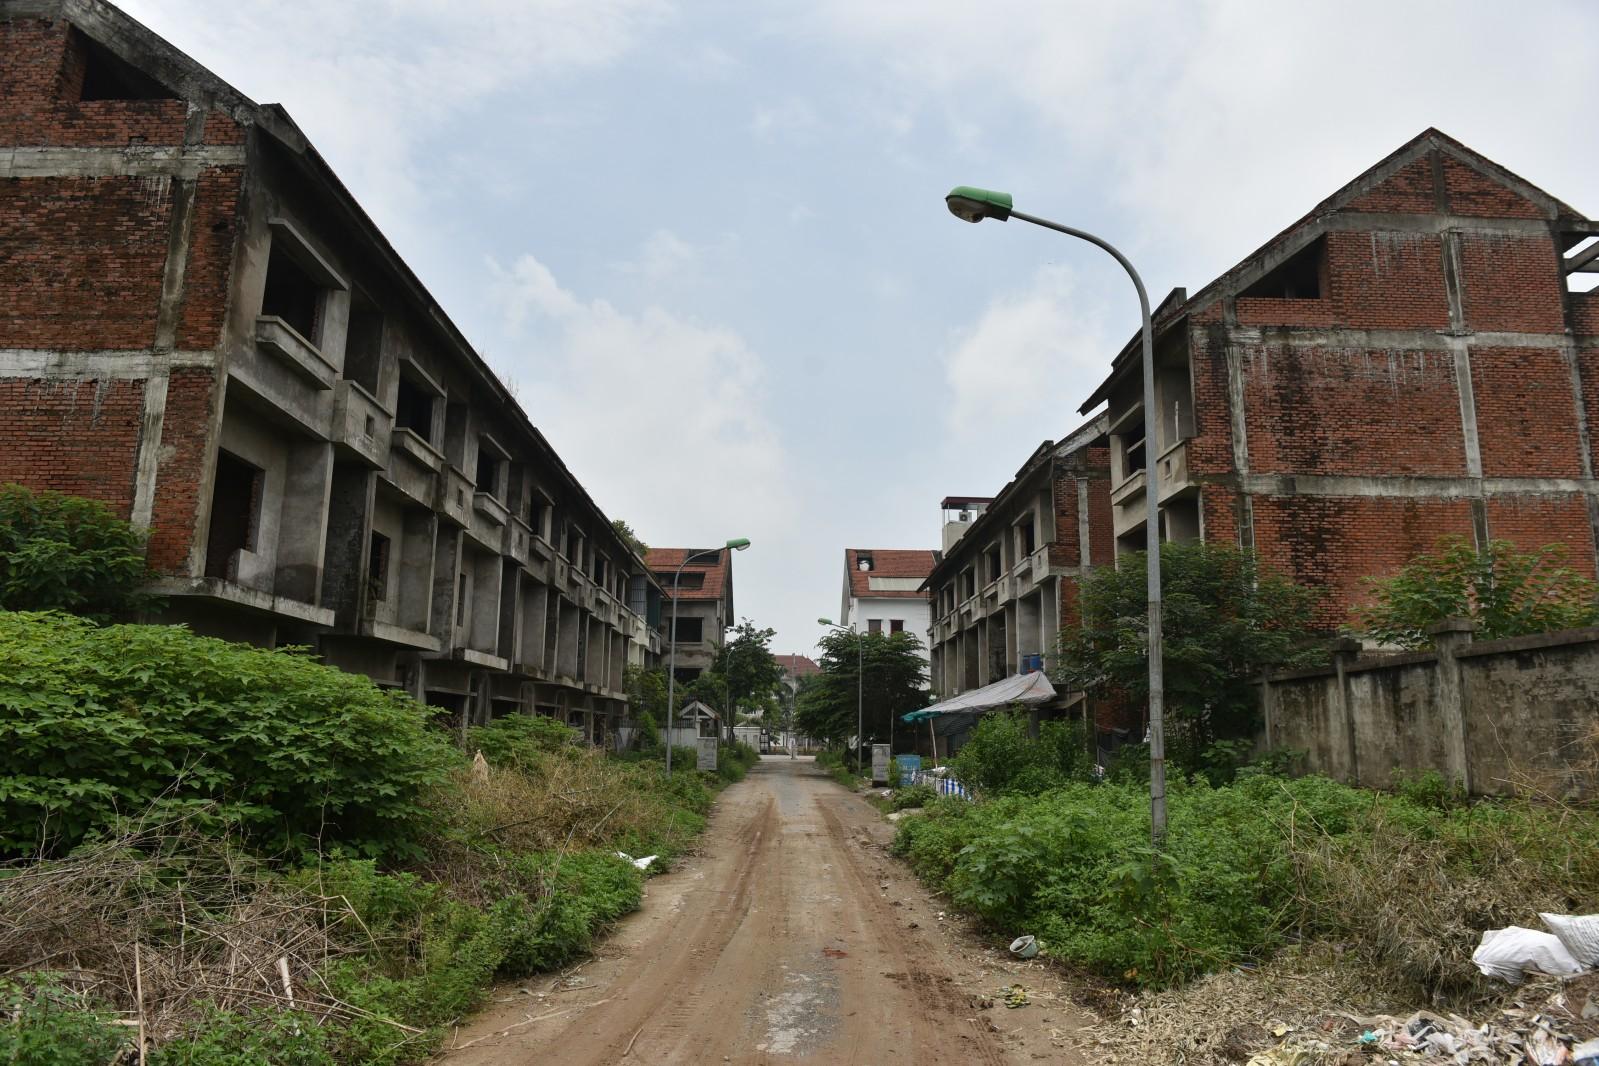 Không chỉ riêng Mê Linh, nhiều nơi khác cũng rơi vào tình cảnh bỏ hoang cả thập kỷ